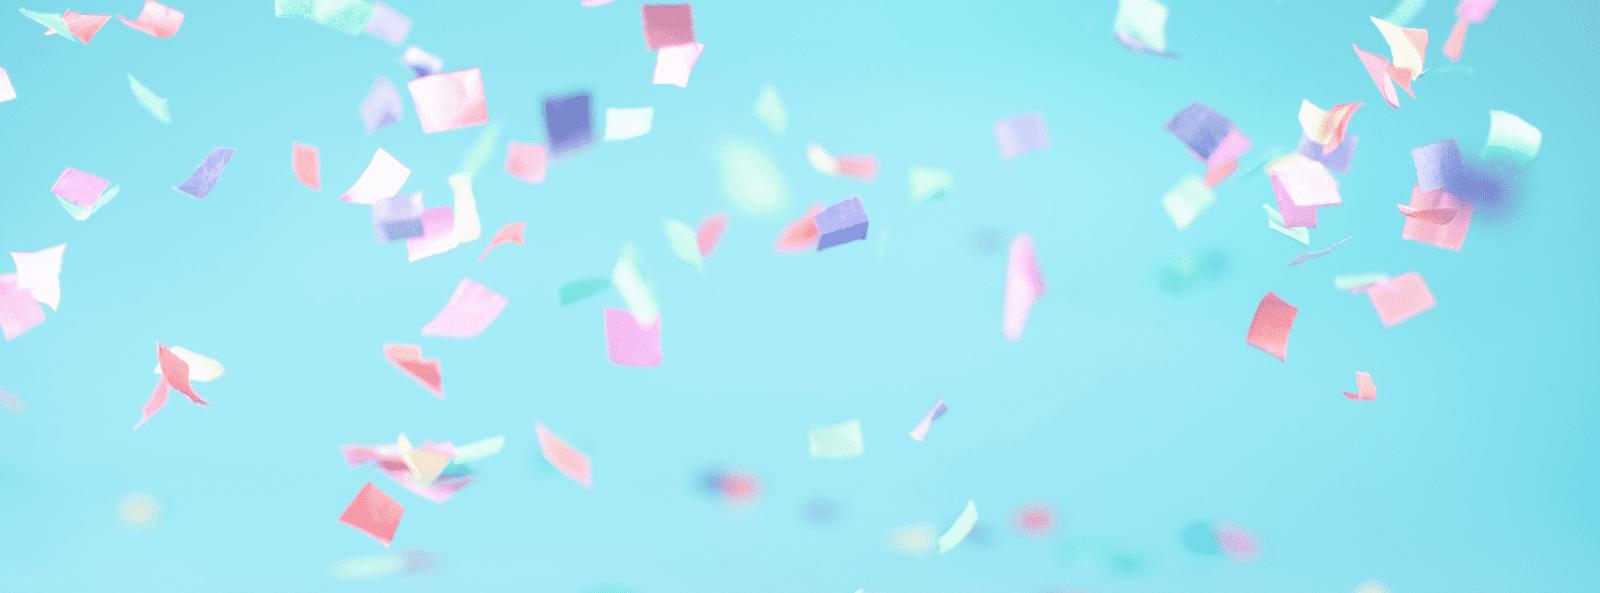 Confetti banner